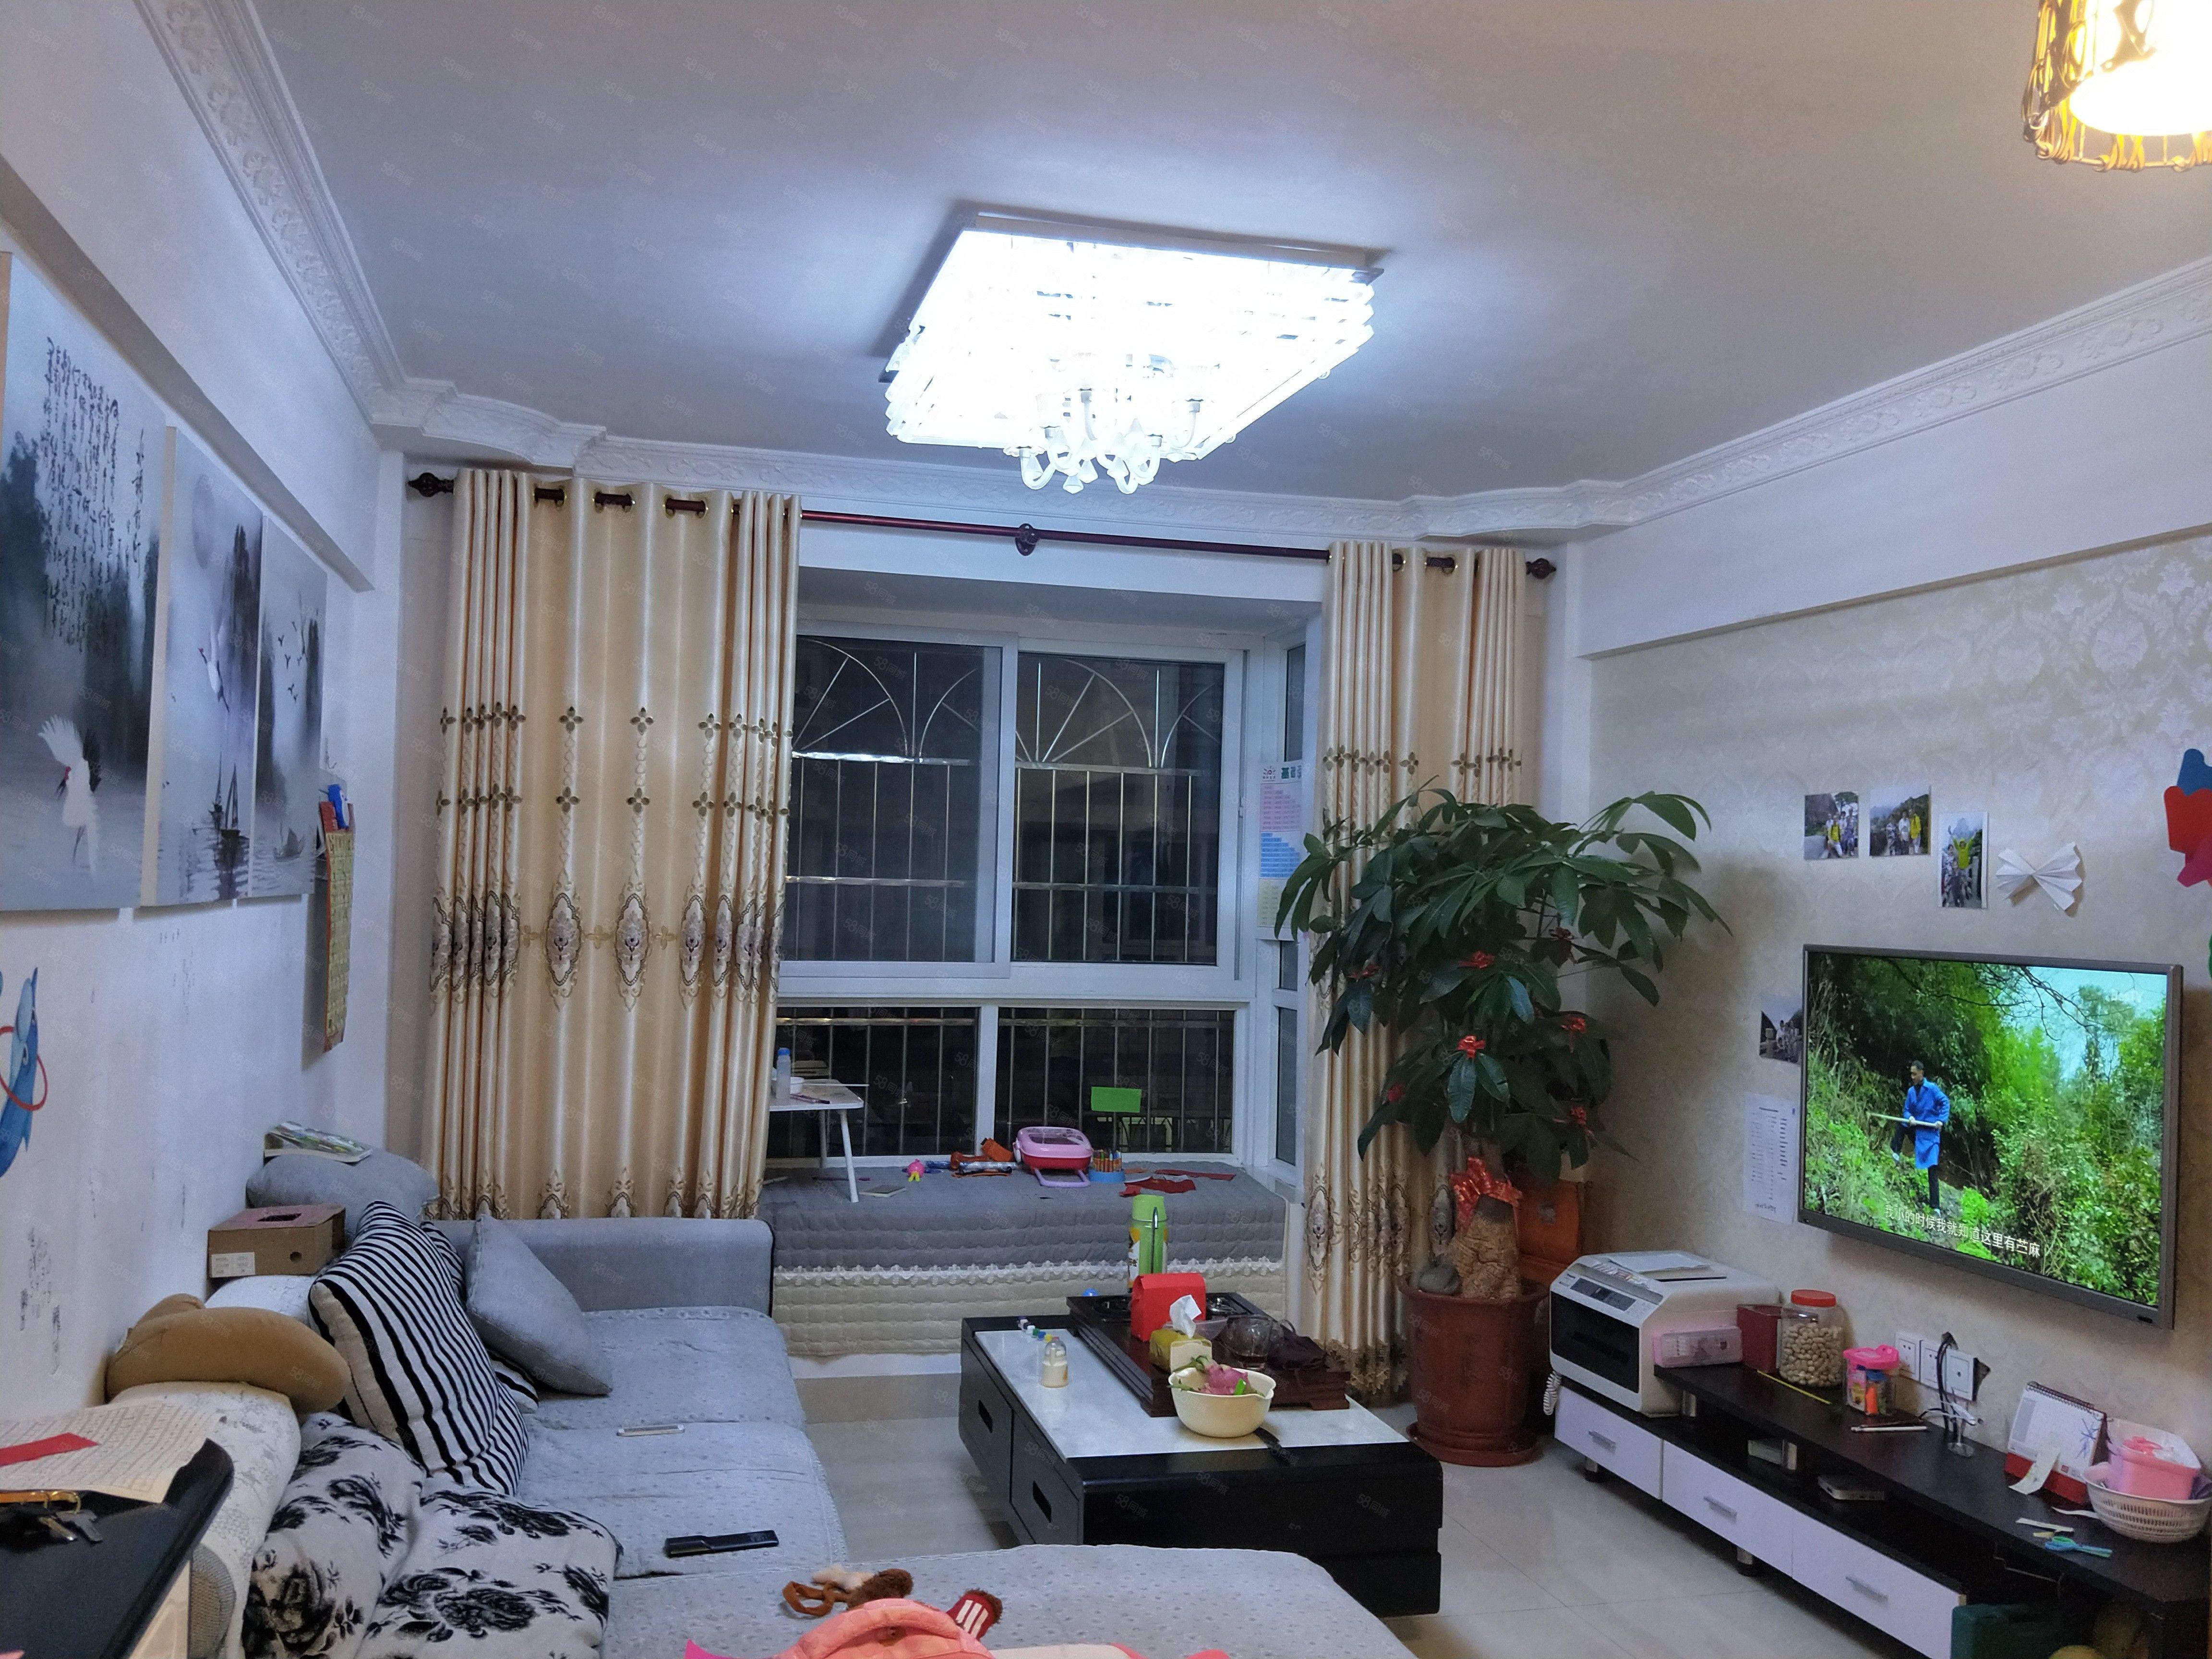 利民小区套房出售,两证齐全,精装修送家具家电可拎包入住。